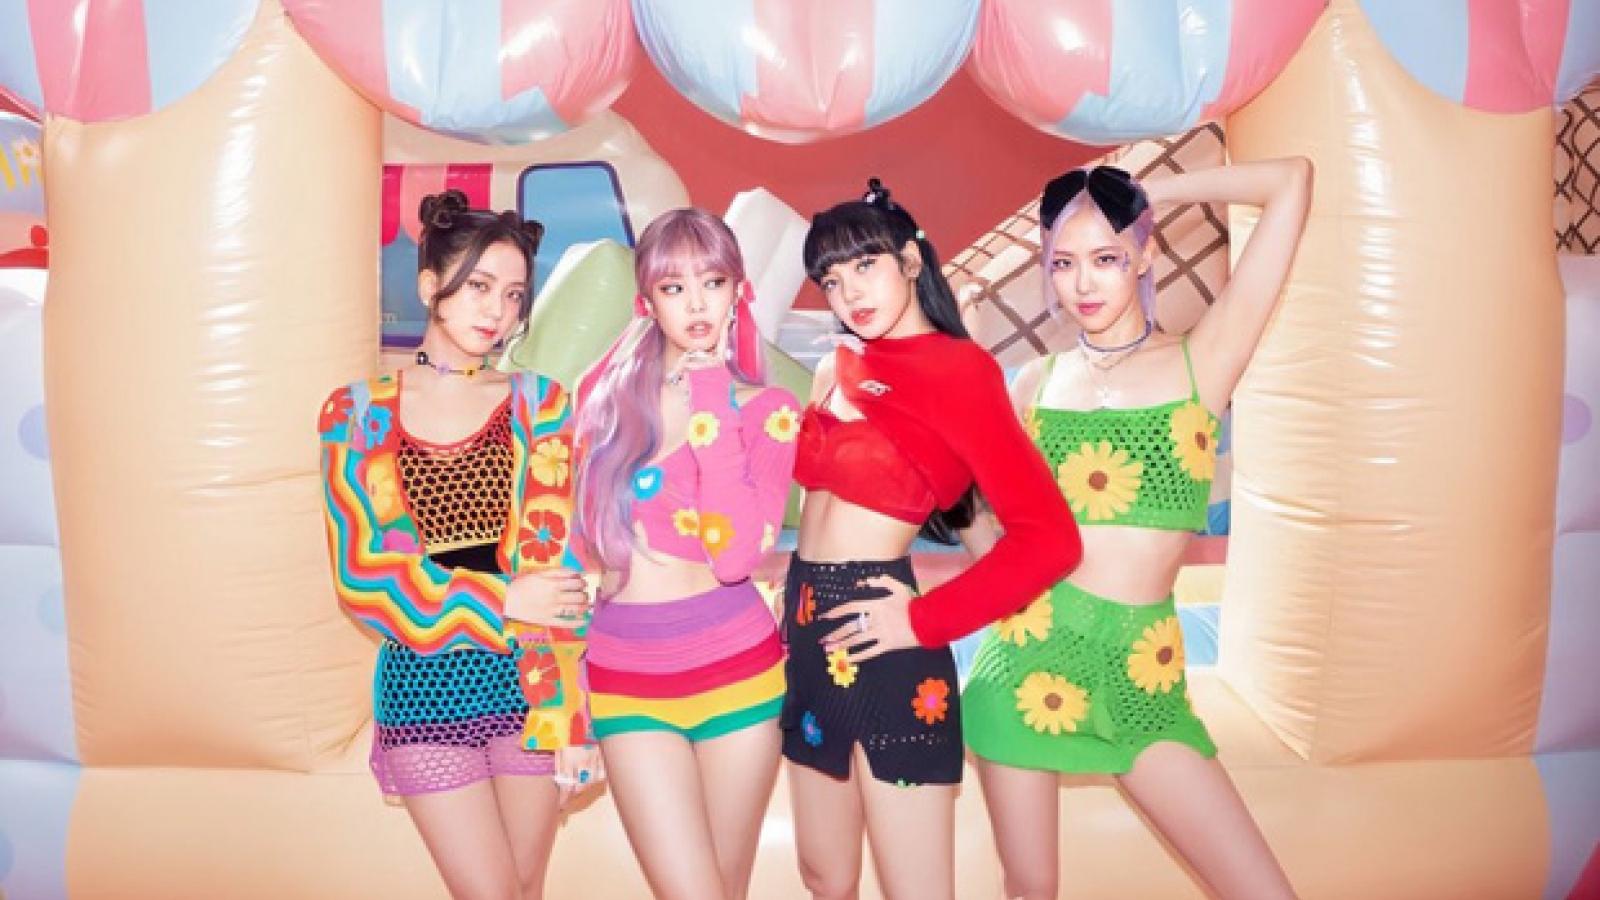 BLACKPINK trở thành nhóm nhạc nữ Kpop đầu tiên đạt giải thưởng VMAs